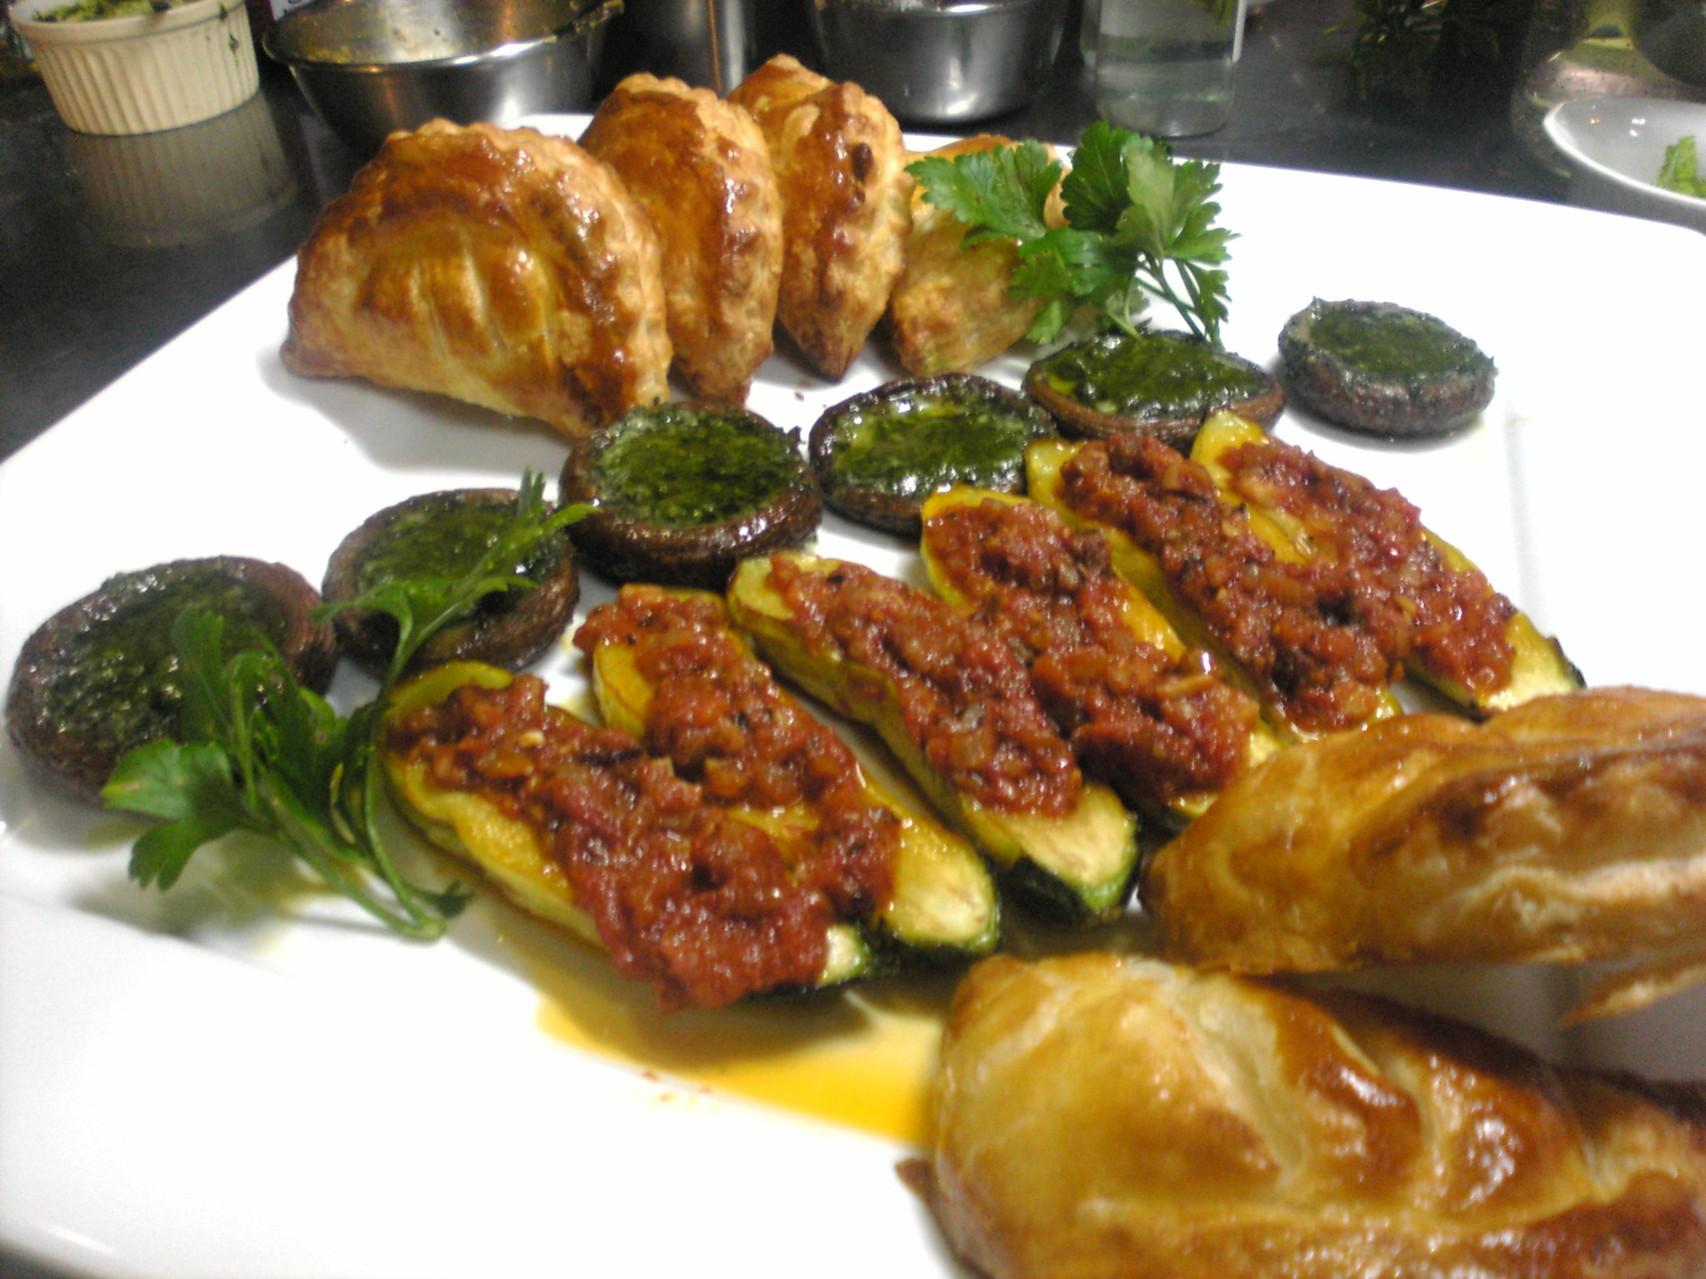 ズッキーニの詰め物オーブン焼き ・サーモンのパイ包み ・しいたけのジェノバ風